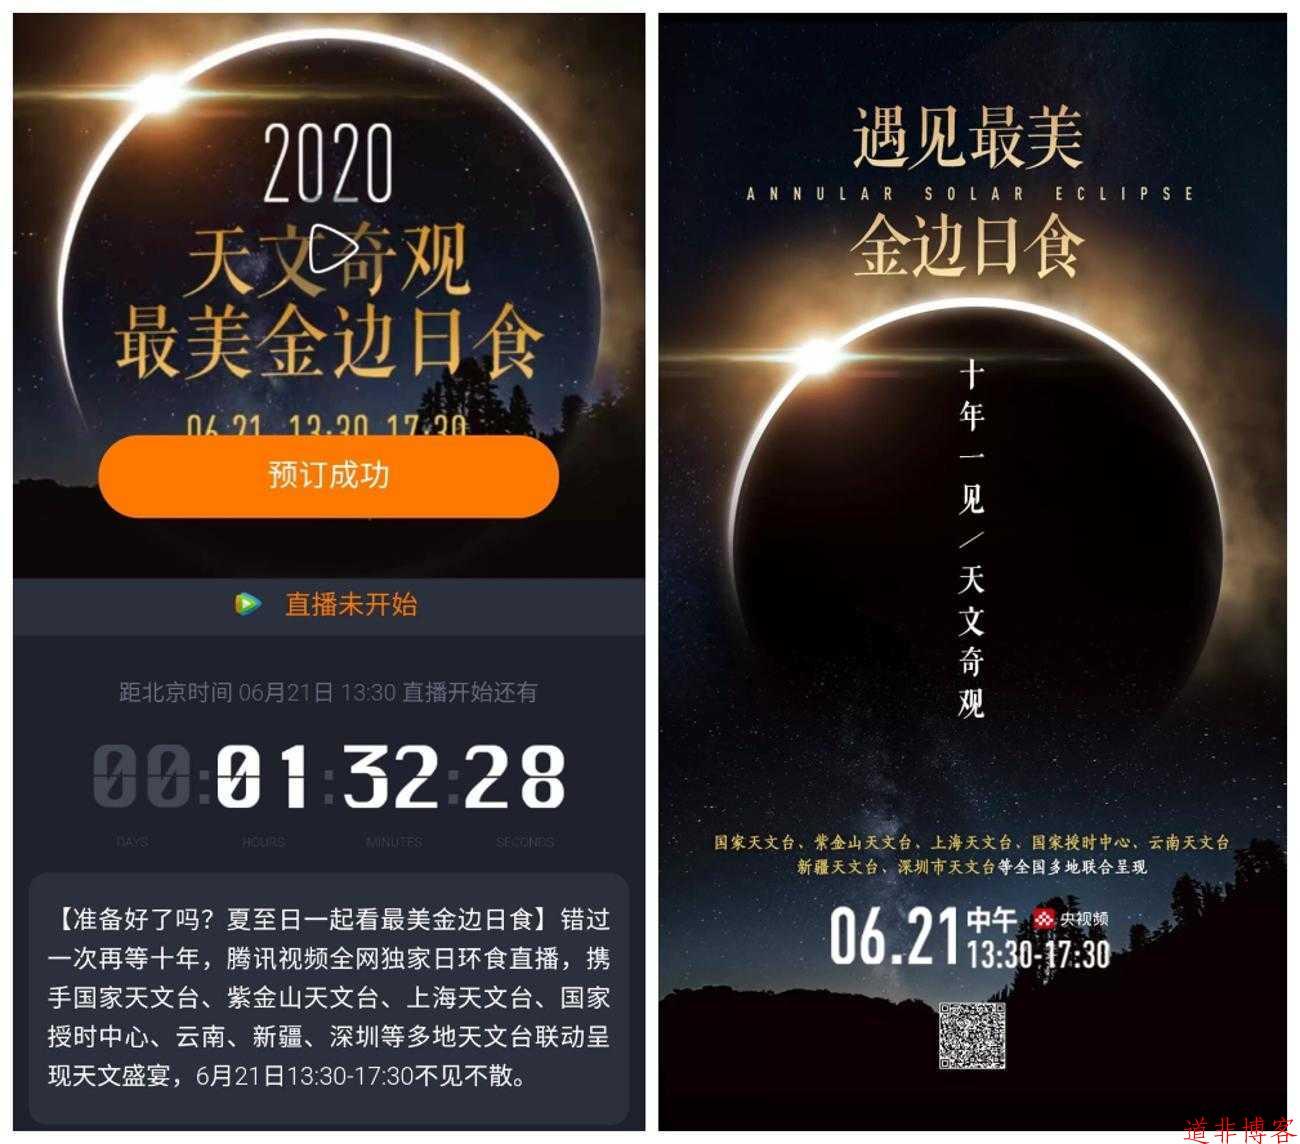 2020天文奇观日食 十年一遇!